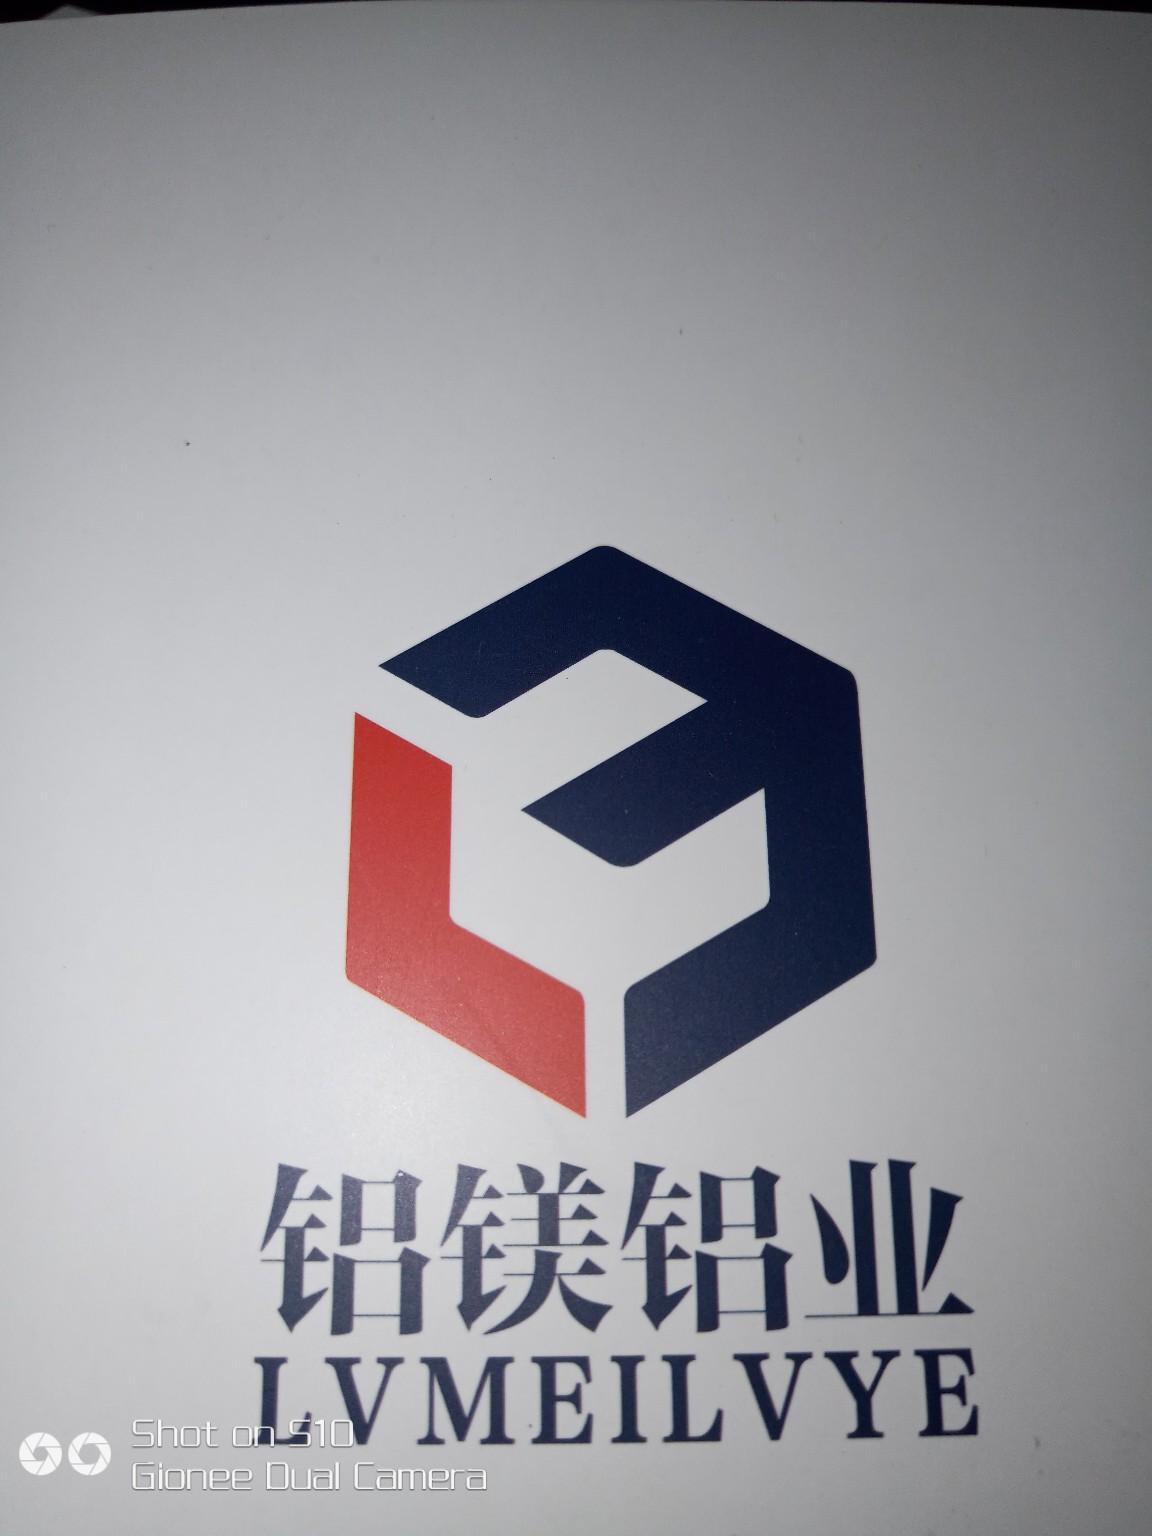 安顺市铝镁铝业有限公司